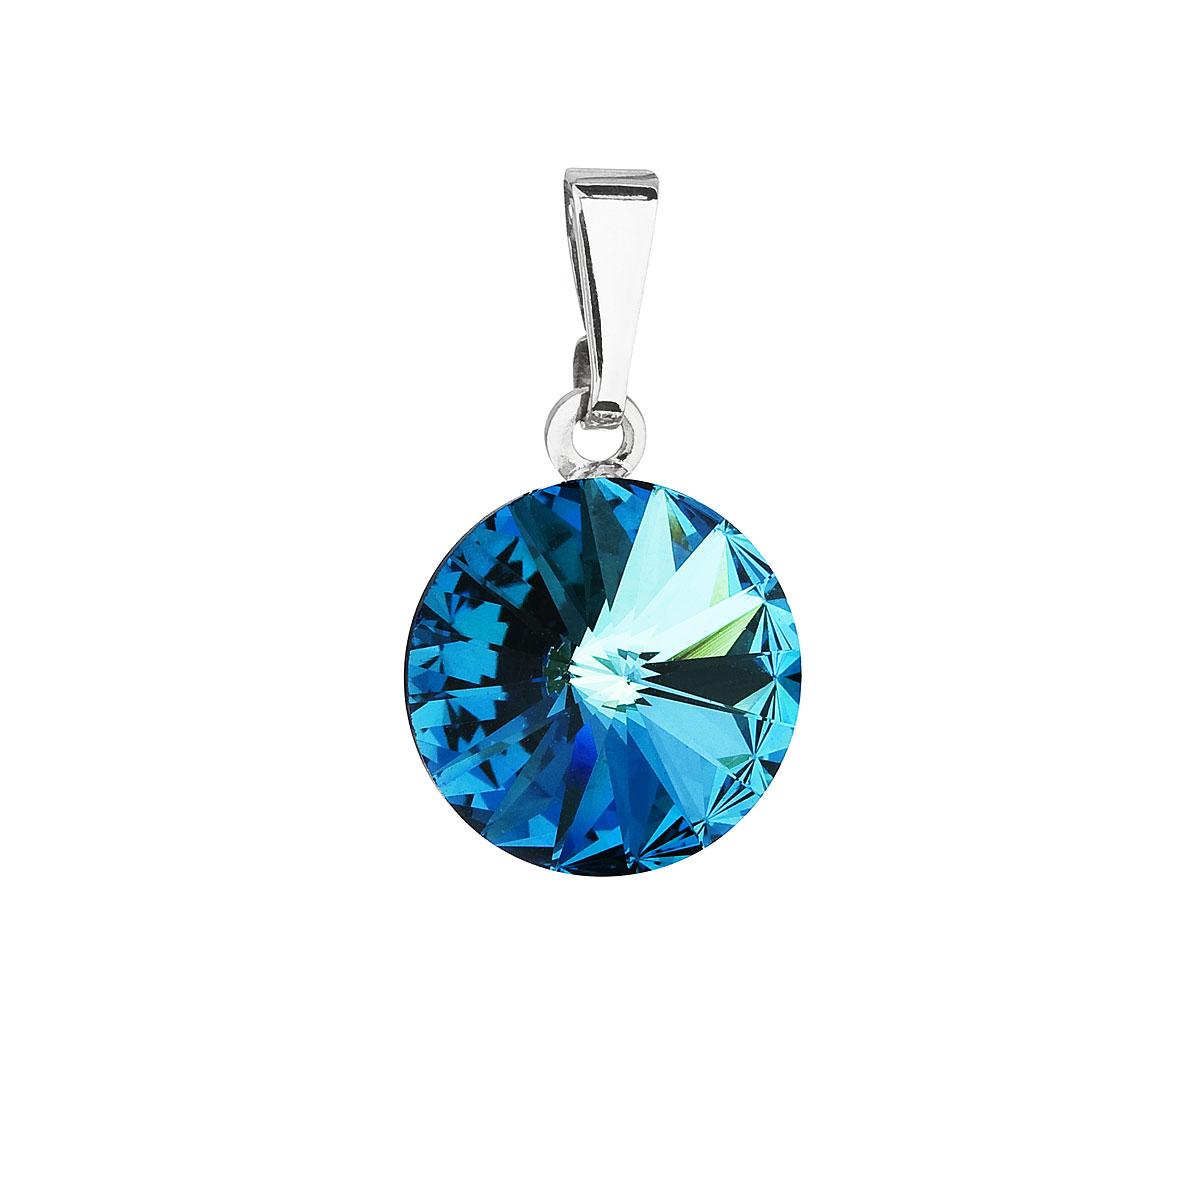 Evolution Group Přívěsek se Swarovski krystaly modrý kulatý 54001.5